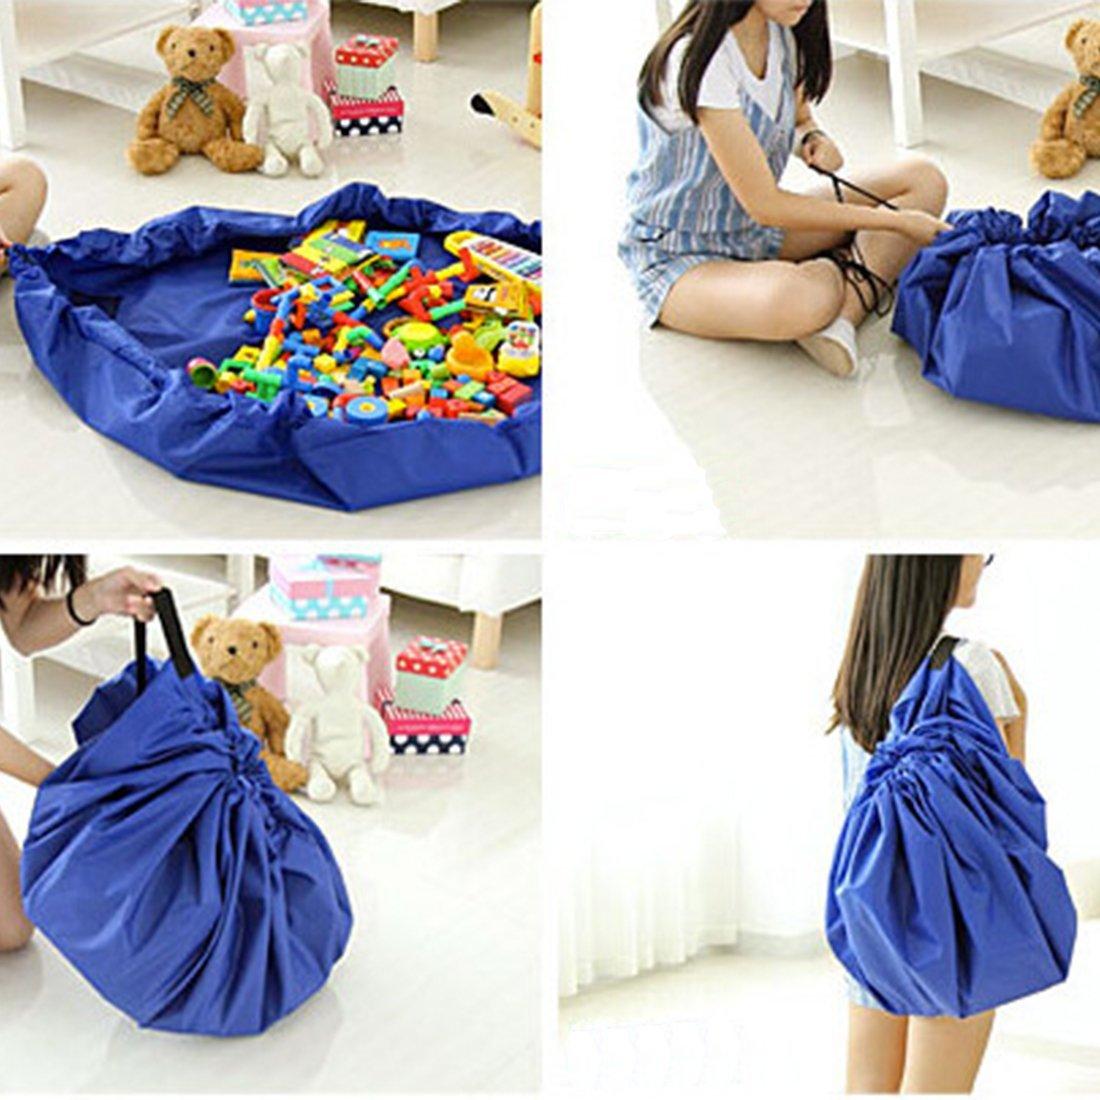 Kids 2-in-1 Toys Archiviazione e borsa da gioco portatile con cordino blu 150 cm JJPRIME